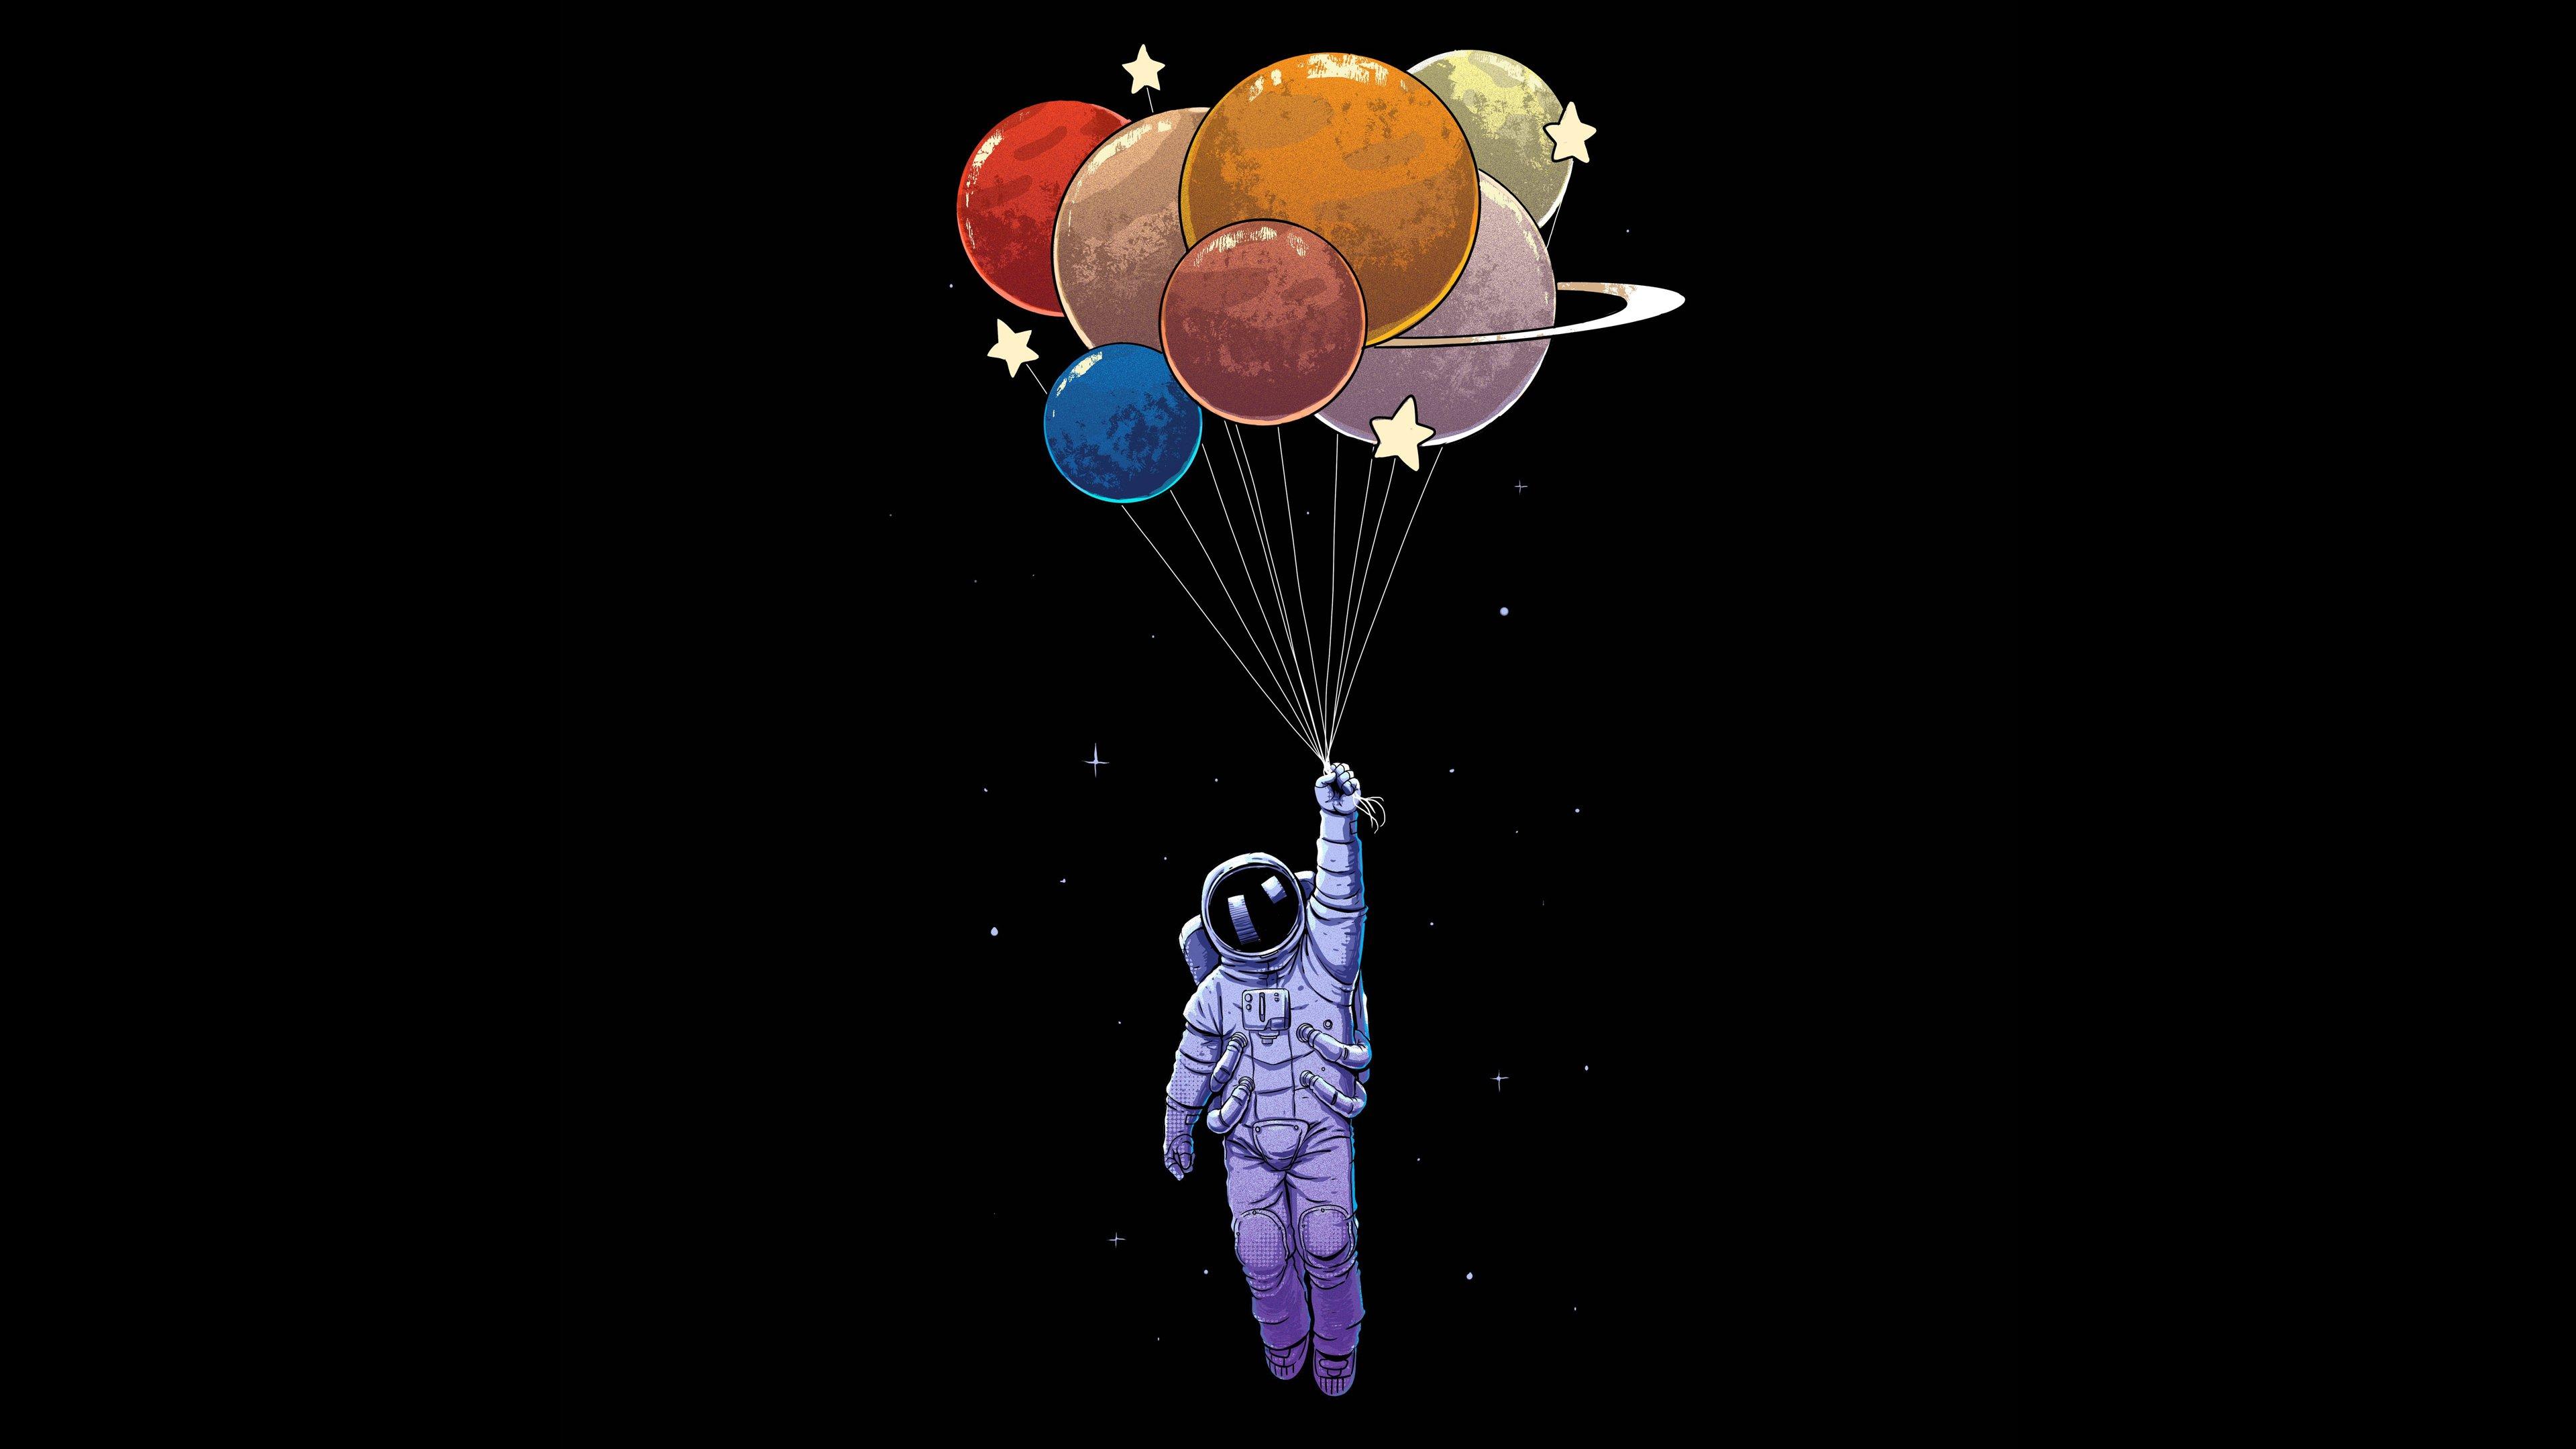 Fondos de pantalla Astronauta con globos como planetas